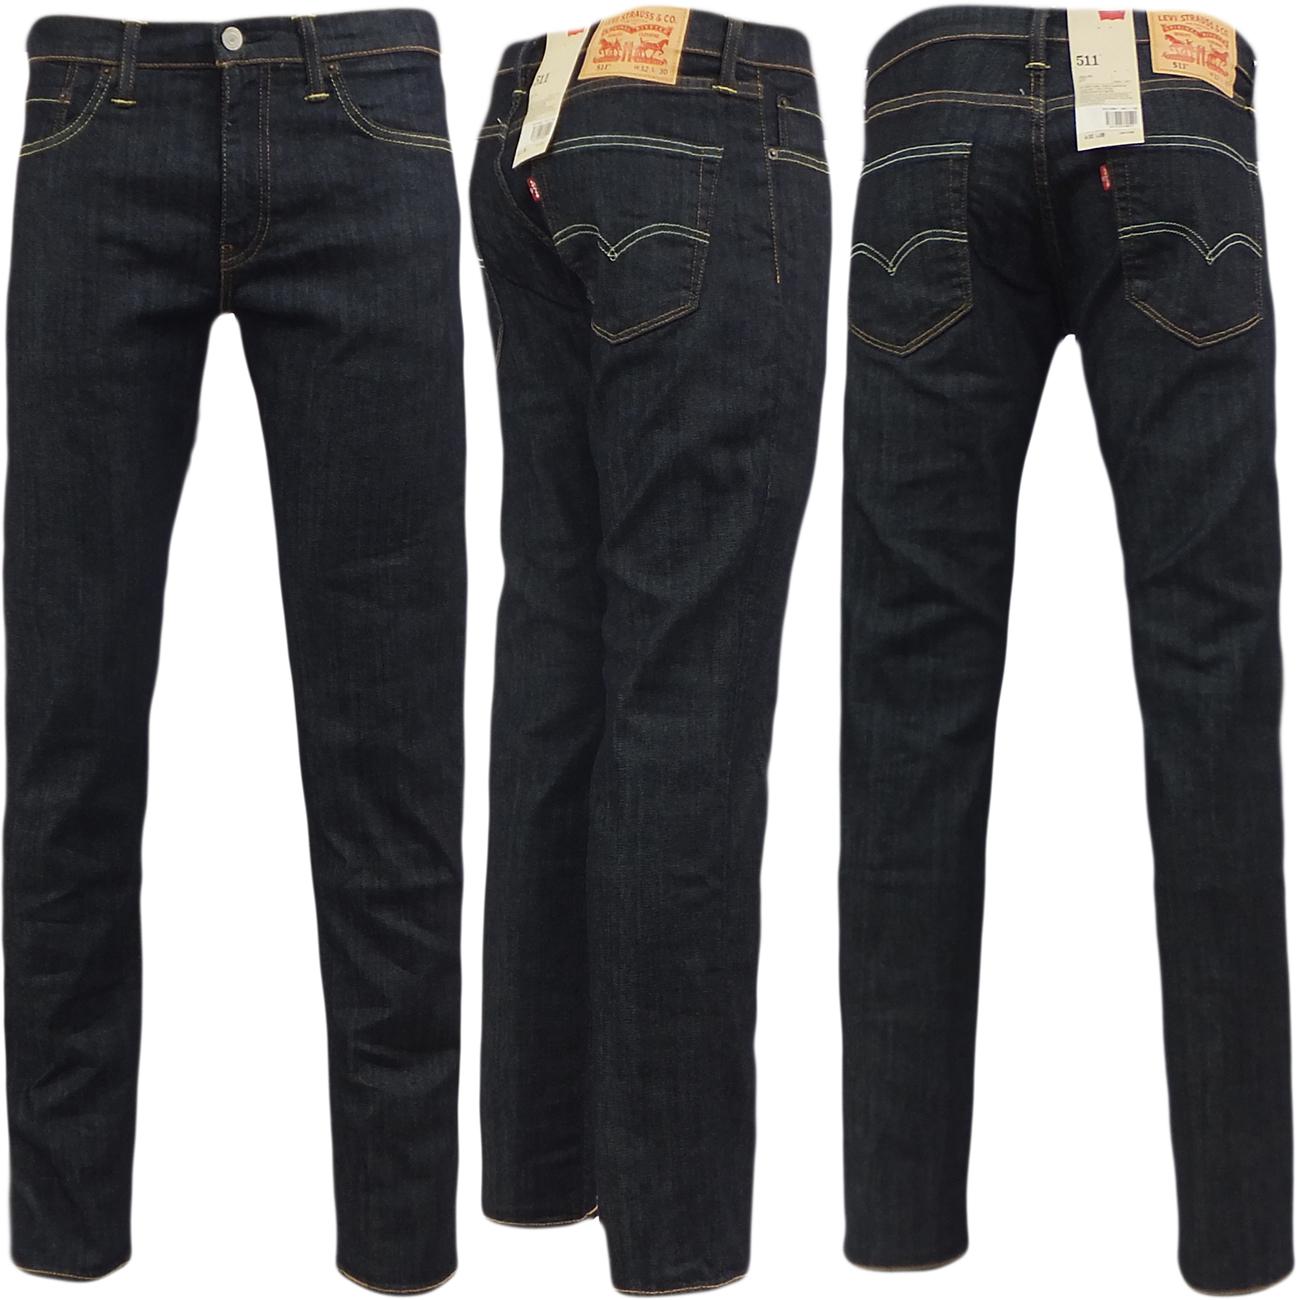 jeans levis 511 slim high def. Black Bedroom Furniture Sets. Home Design Ideas